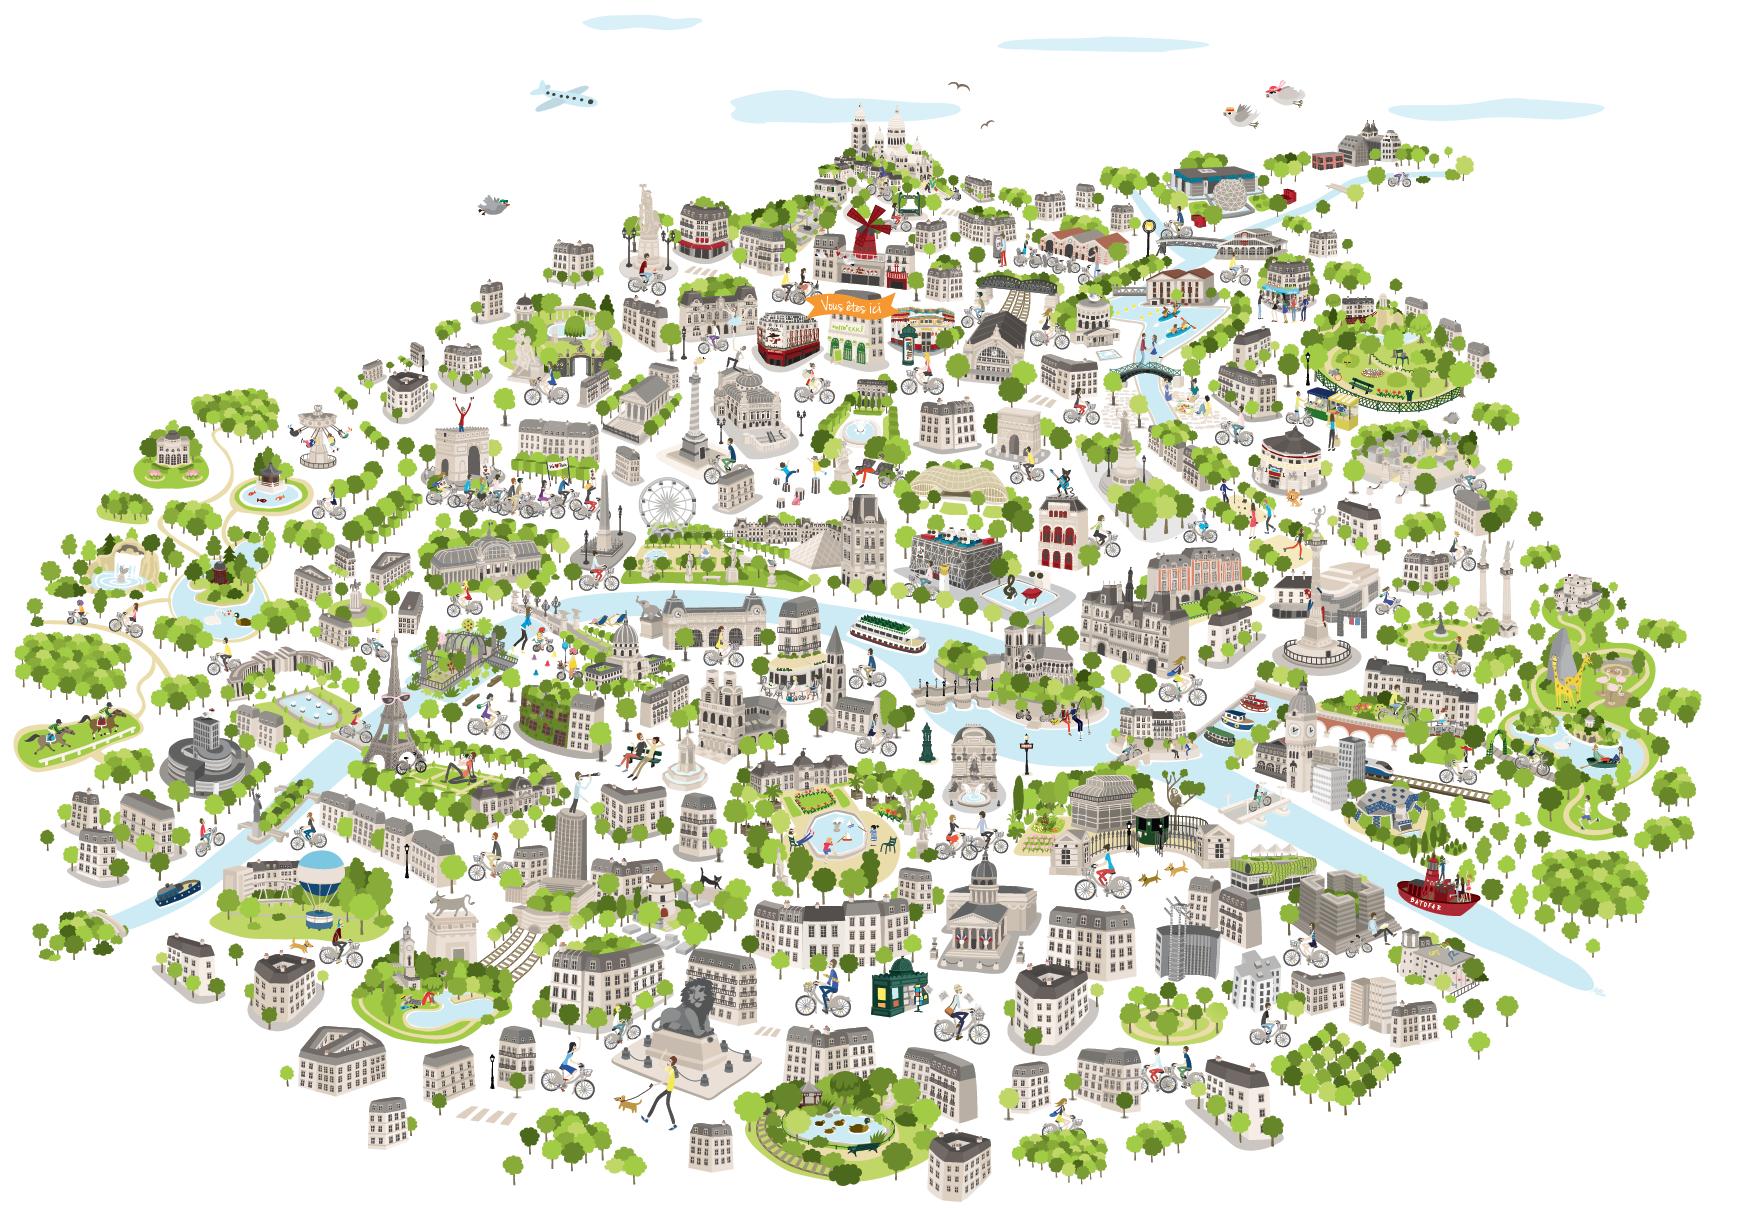 Avec la chasse aux oeufs Vélib' c'est l'occasion de (re)découvrir Paris de façon ludique